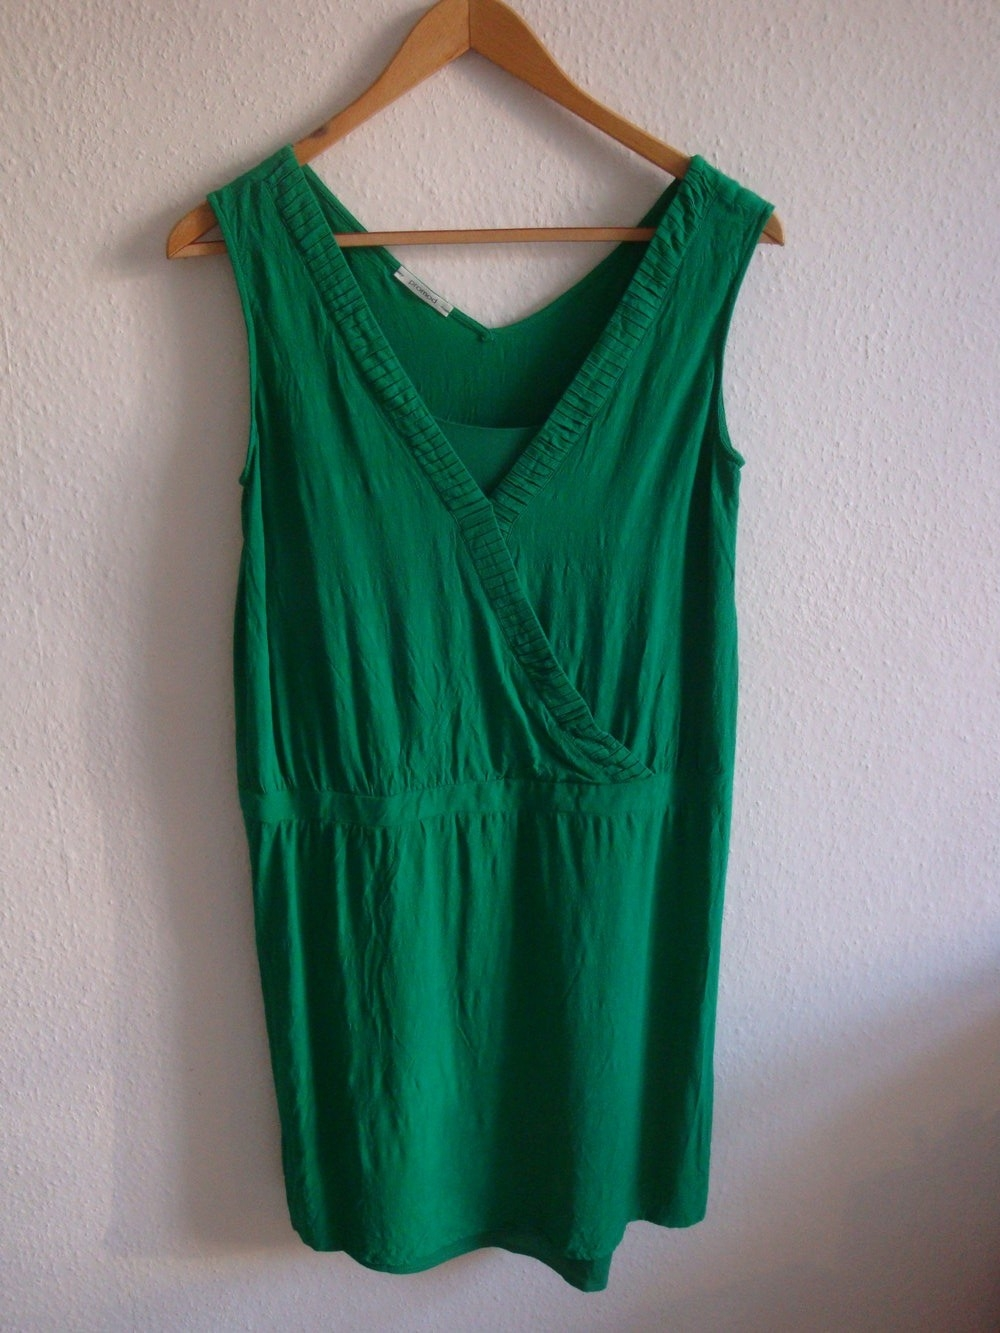 20 Schön Grünes Kurzes Kleid DesignAbend Coolste Grünes Kurzes Kleid Stylish